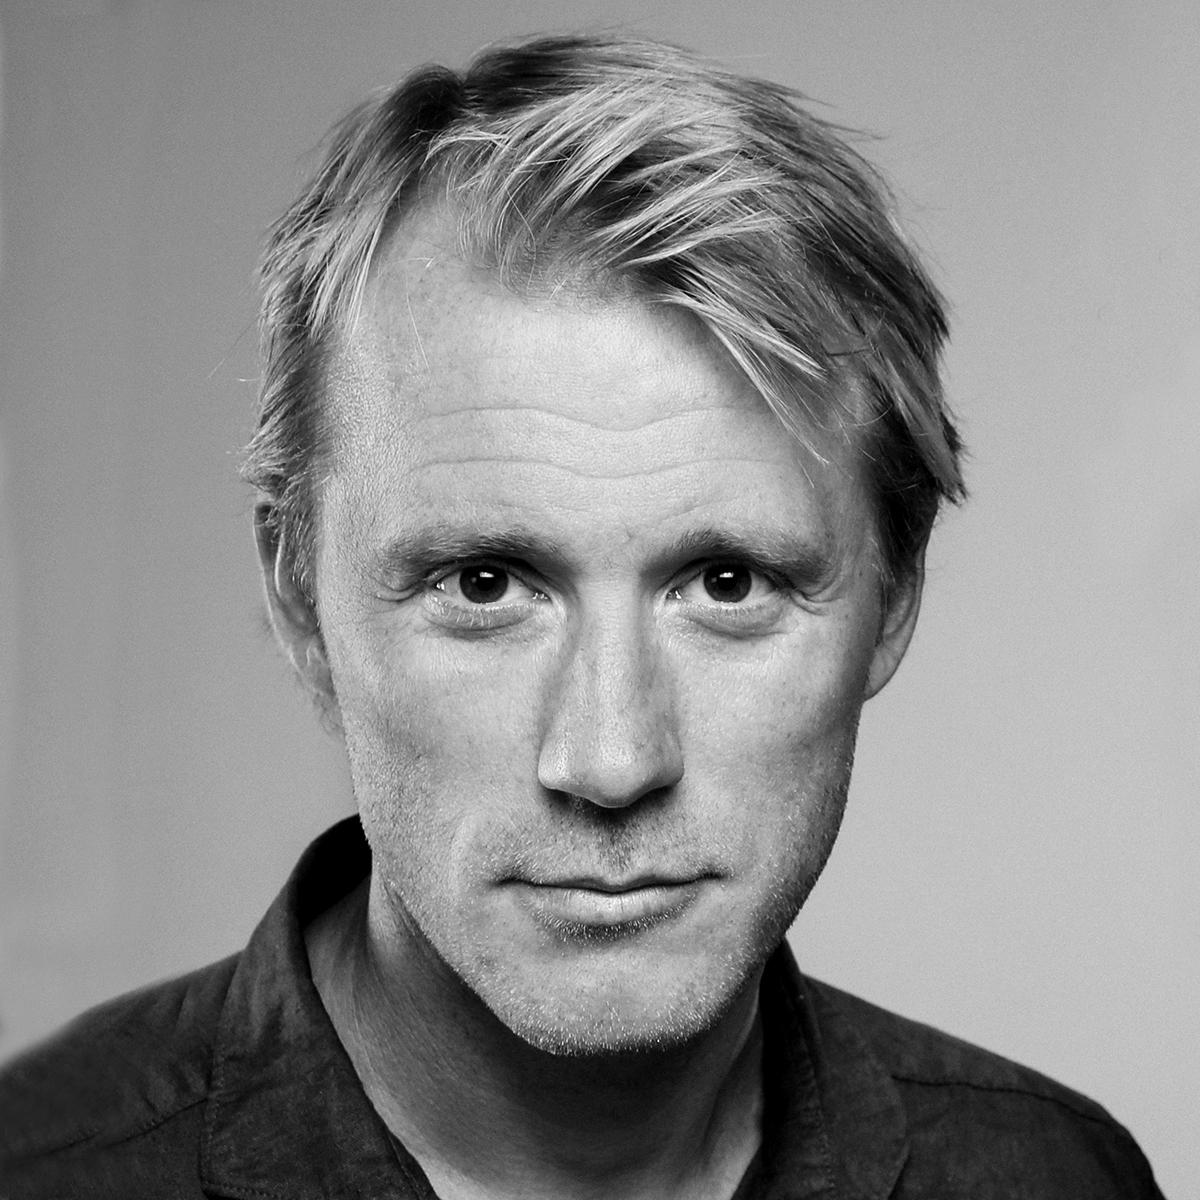 Thorbjørn Harr   No. skuespiller, kjent fra blant annet tv-serien  Vikings . Aktuell med  Kielergata  på TV 2.